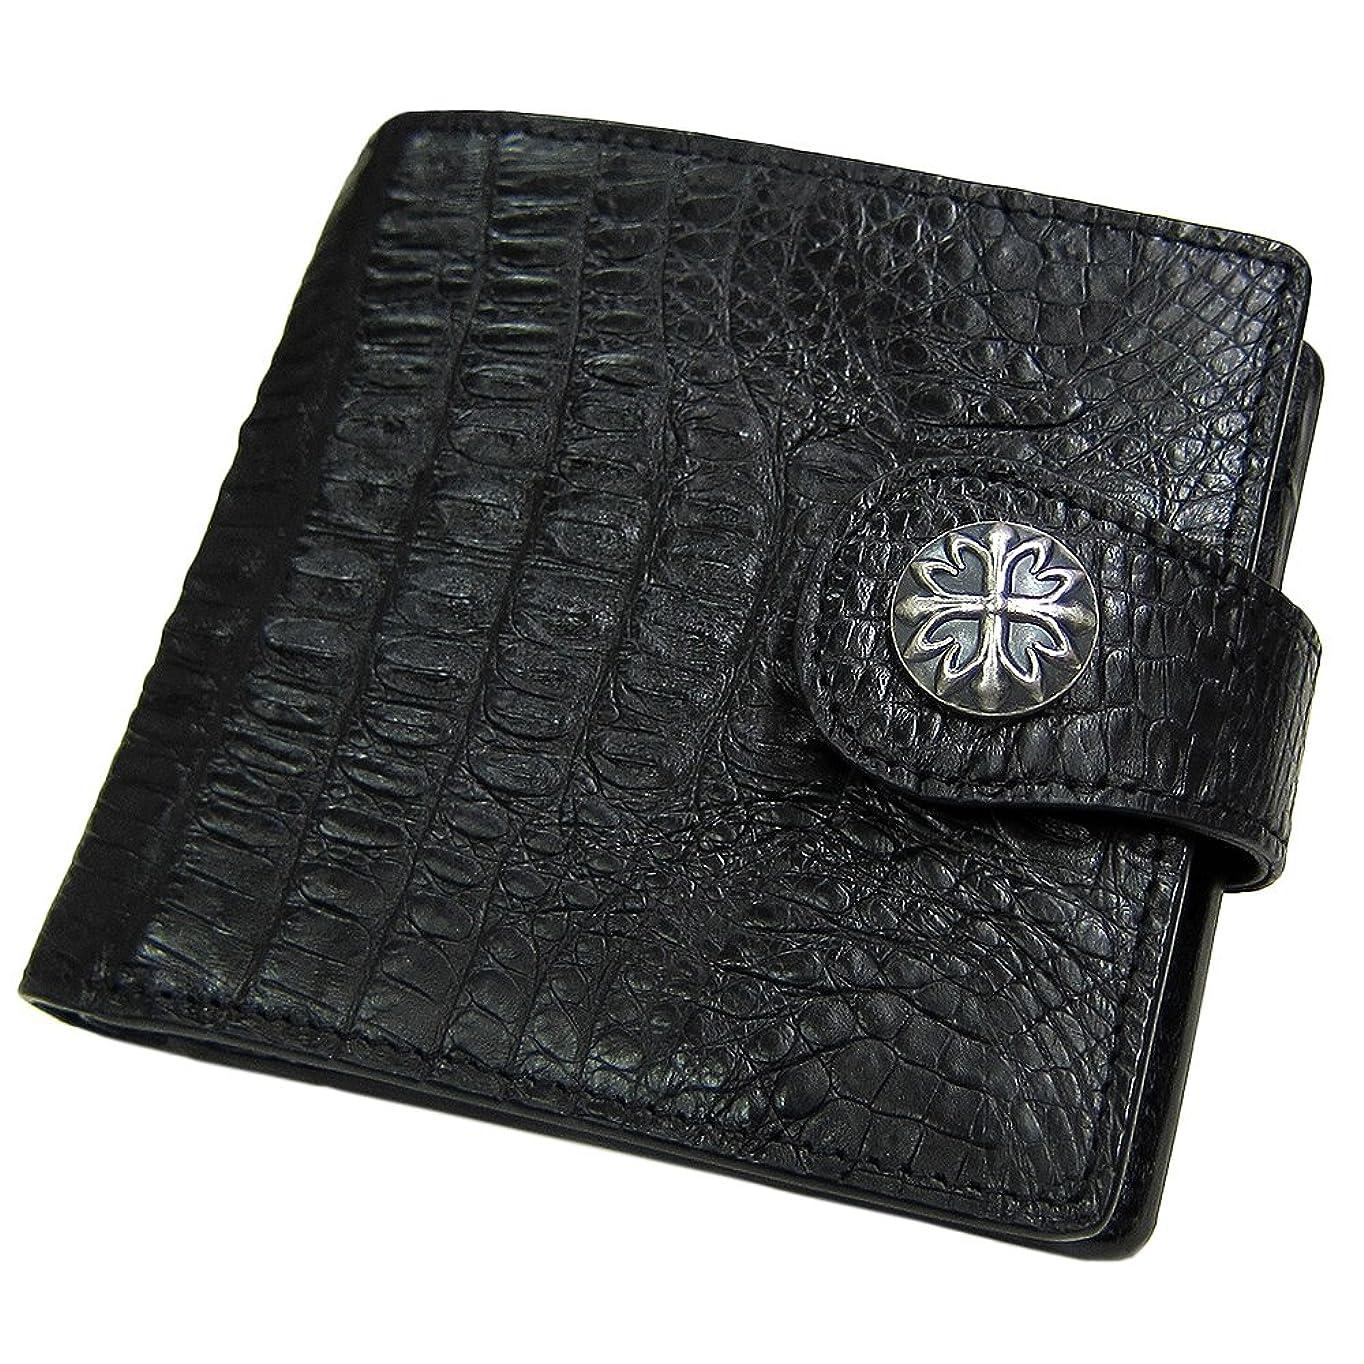 ギャロップ速度一握り[マトゥーリ]Maturi クロコダイル 二つ折り財布 コンチョ付き MR-031 黒